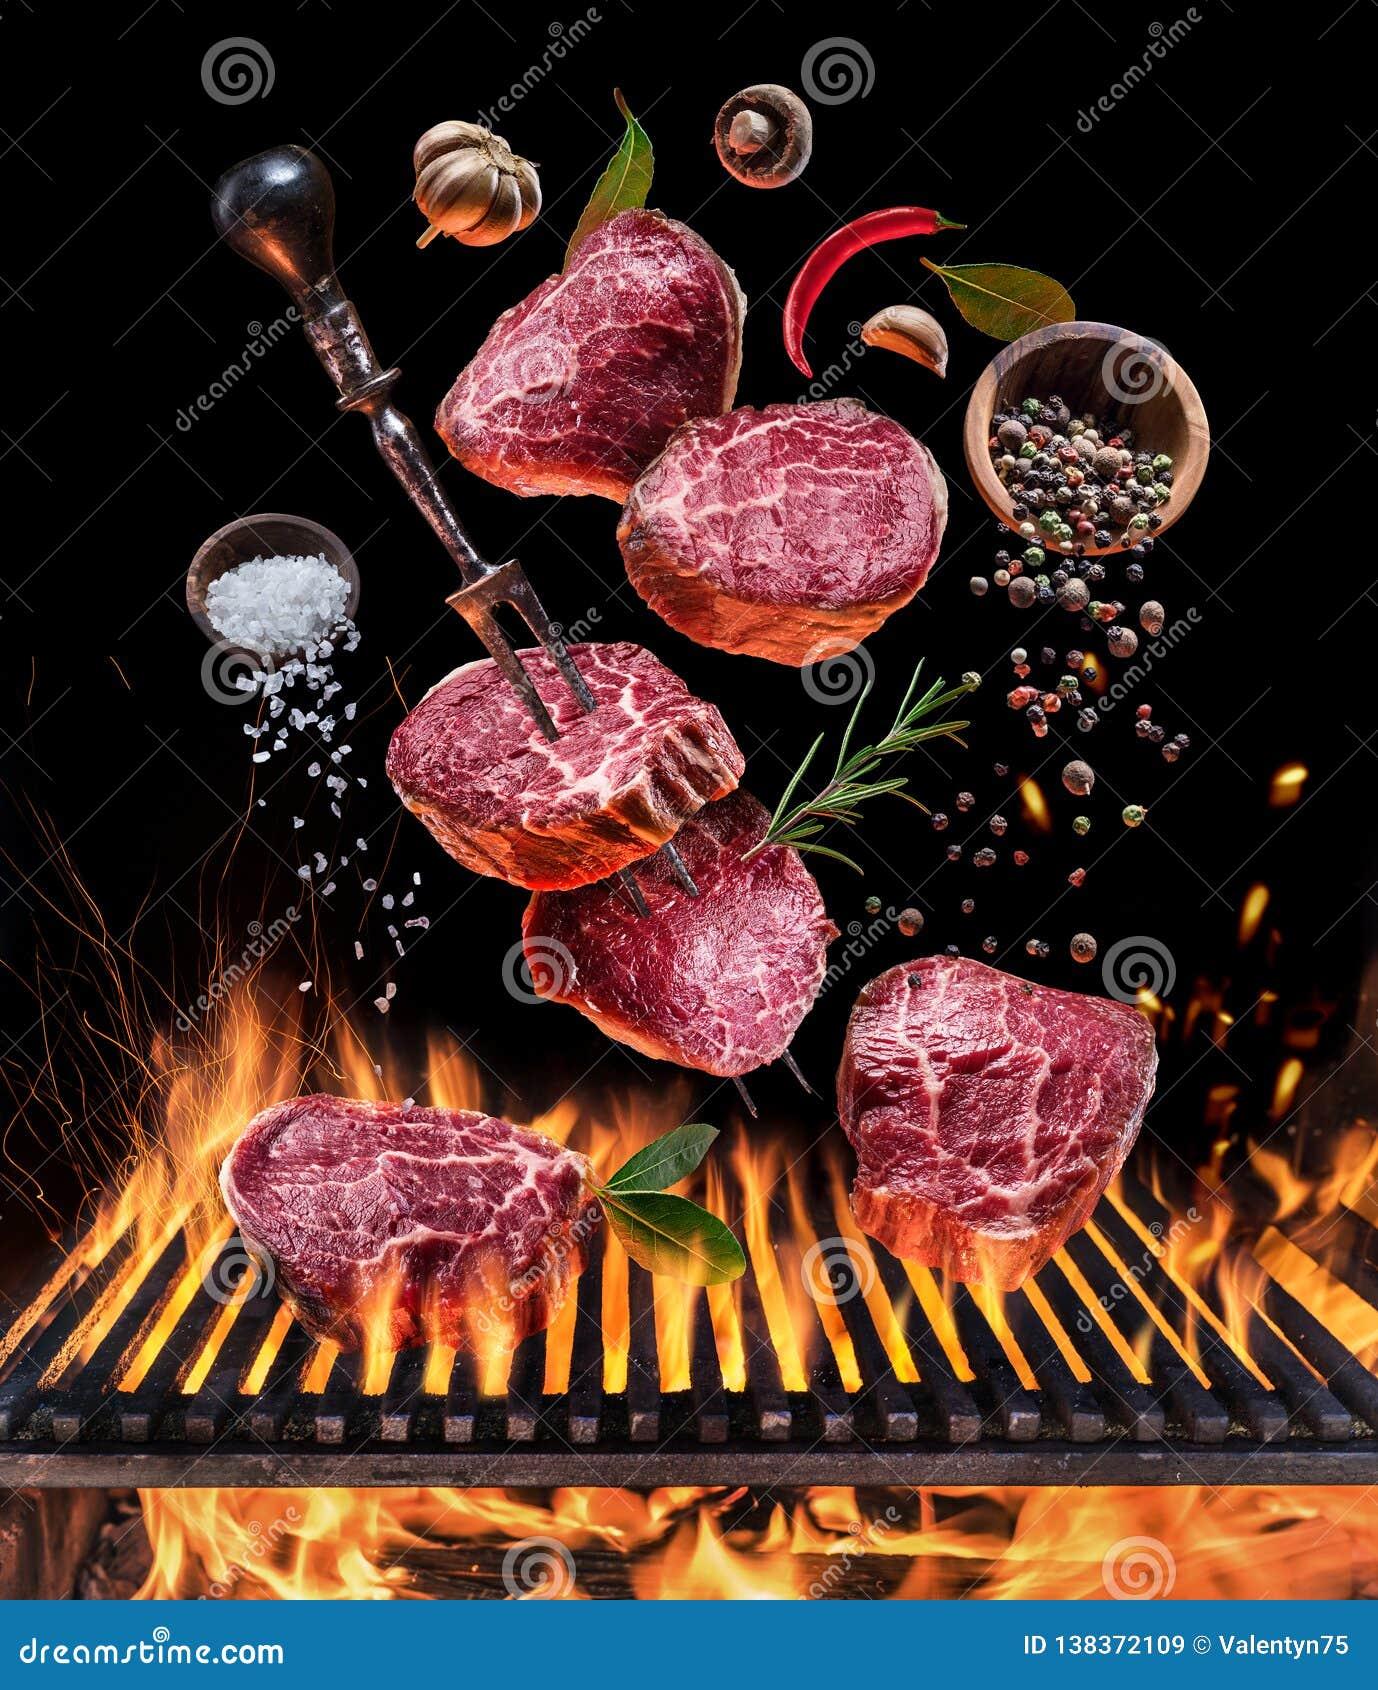 Cuisson de bifteck Illustration conceptuelle Bifteck avec des épices et des couverts sous la grille brûlante de gril